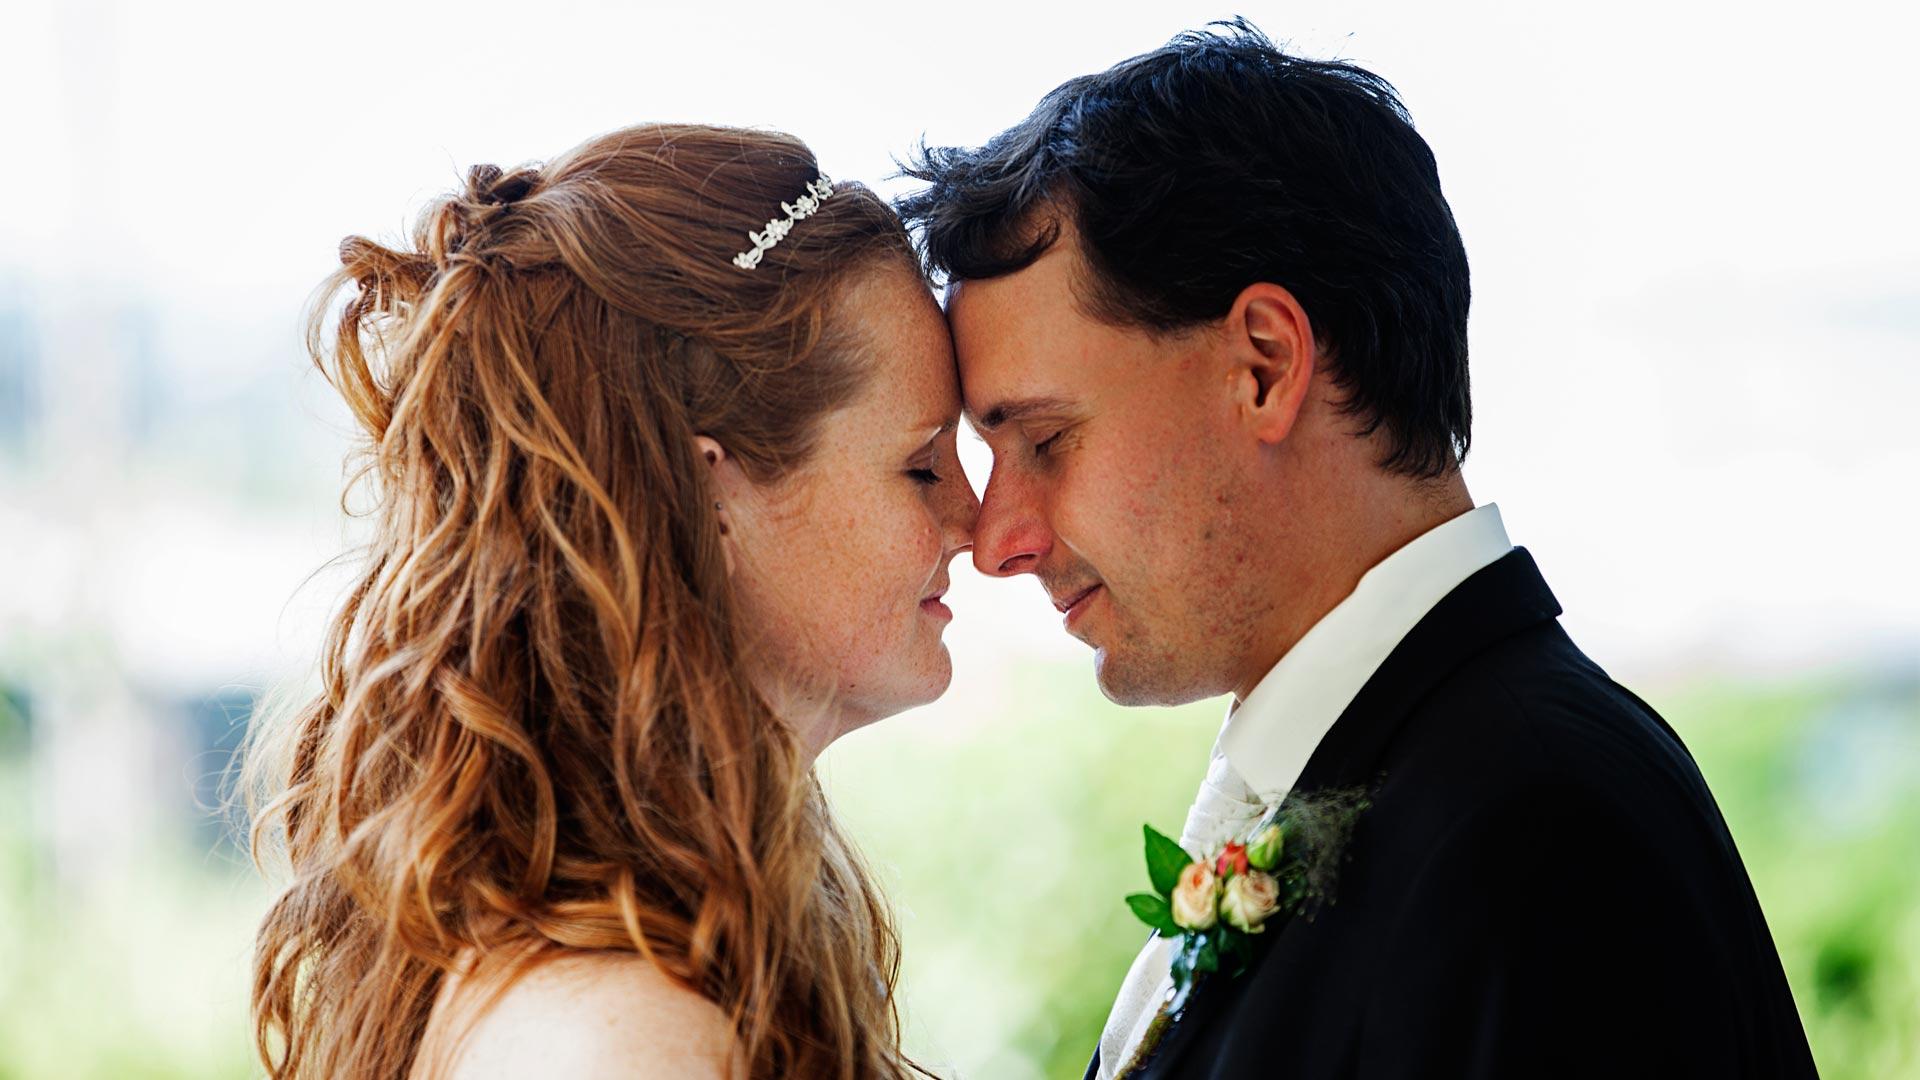 Hochzeitsfotograf NRW Rüdiger Gohr Hochzeitsbilder mit Herz Hochzeitspaar leht mit geschlossenen Augen die Stirn aneinander